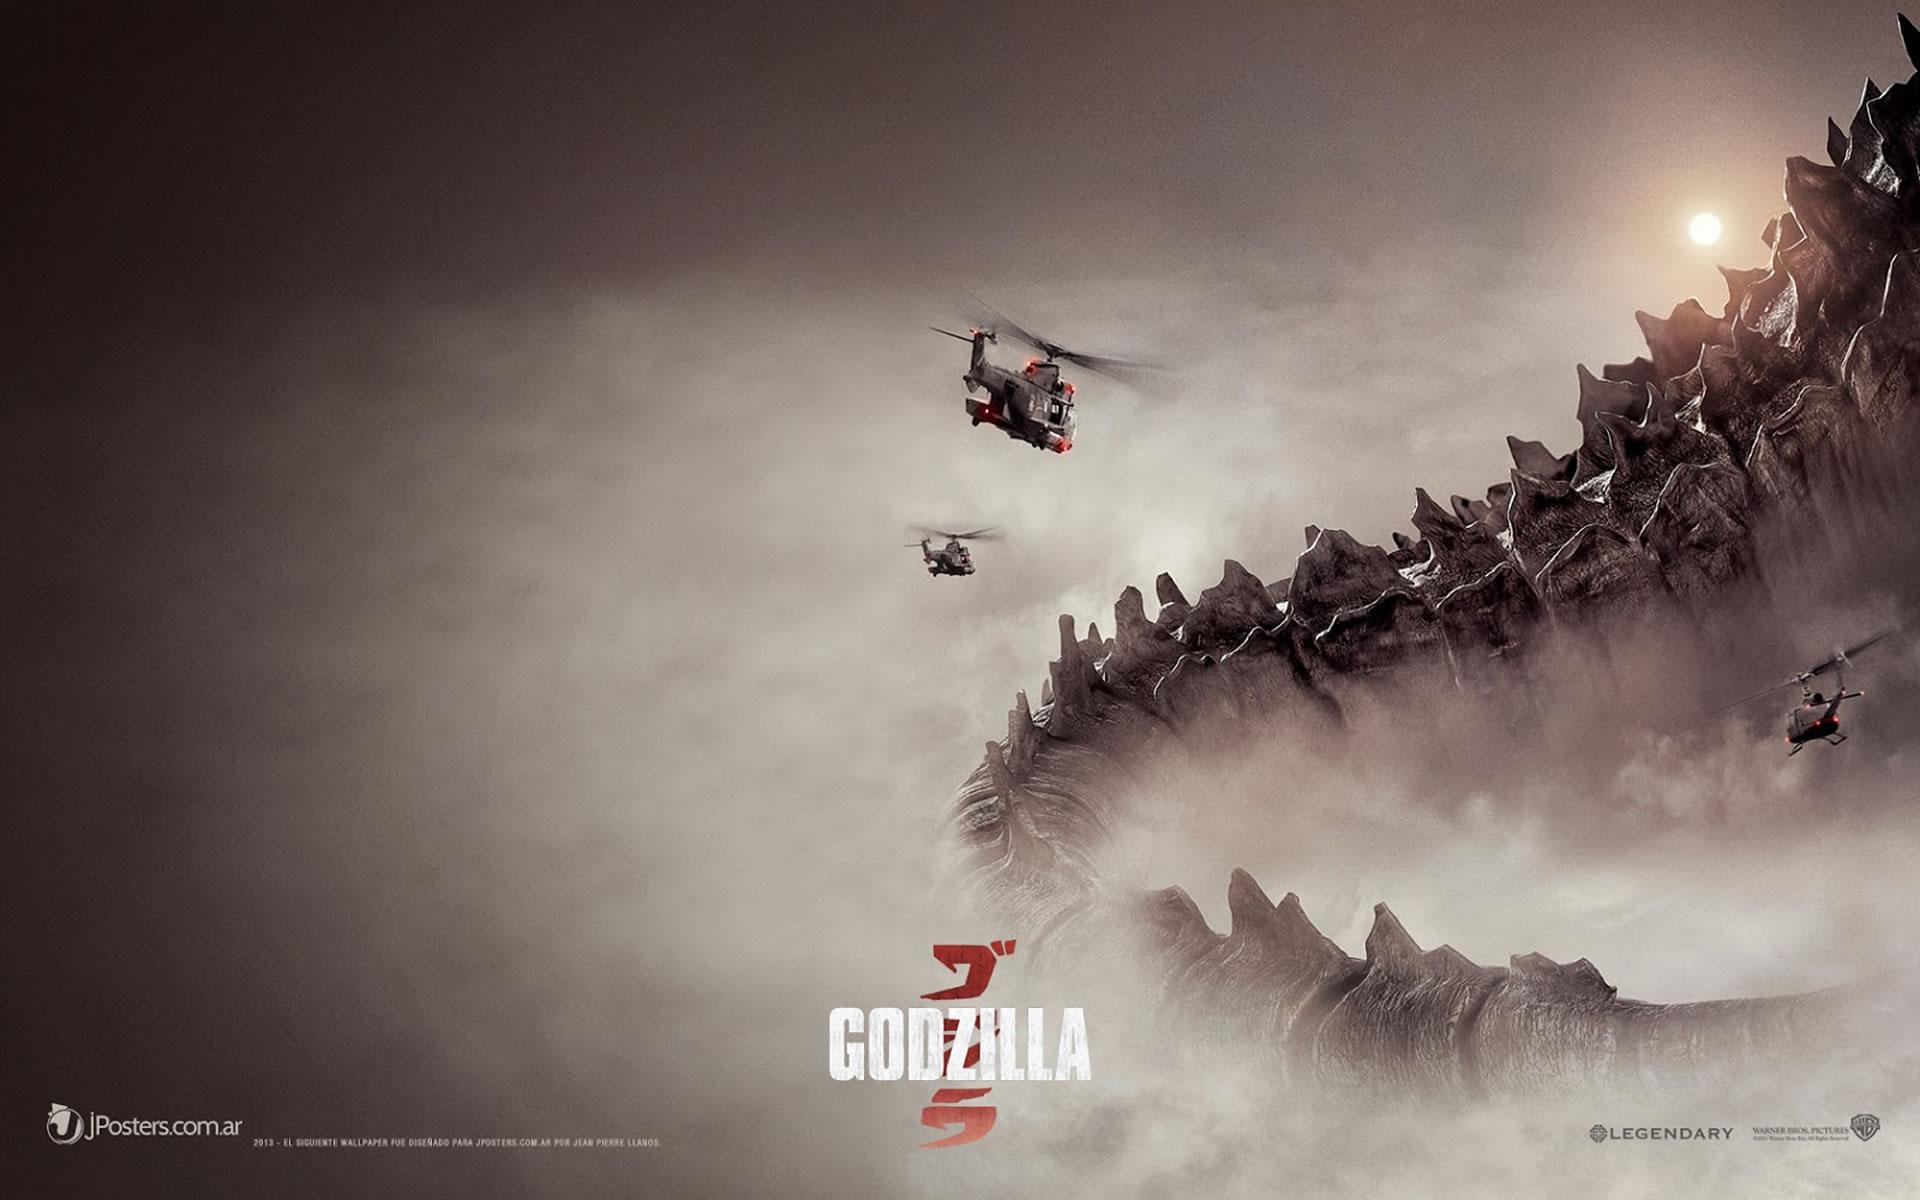 Wallpaper Godzilla 2014